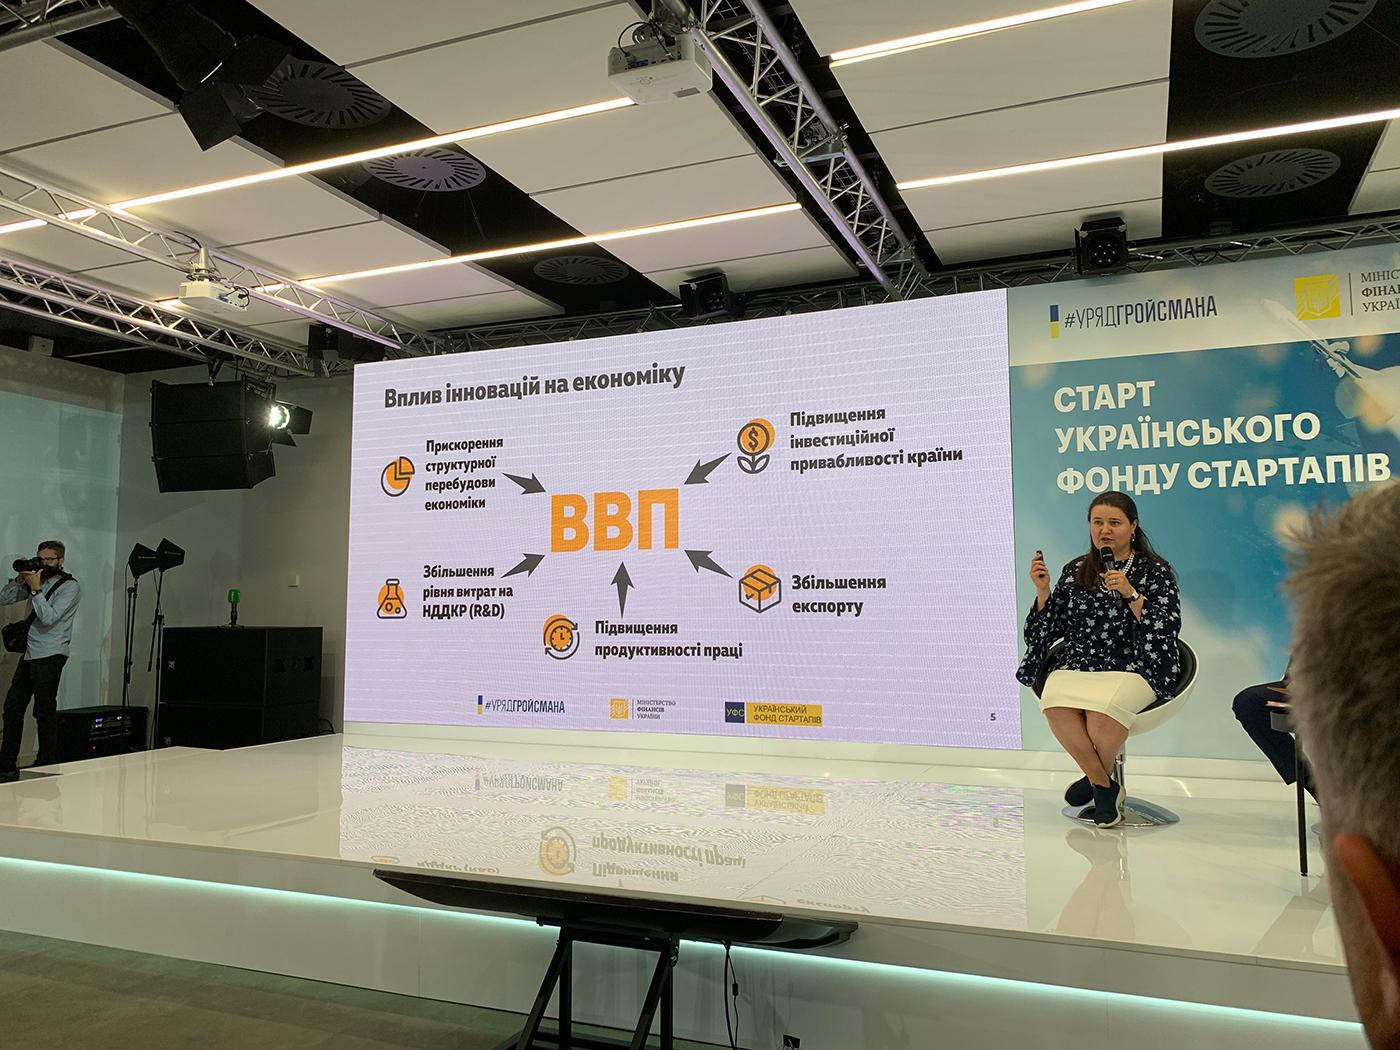 український фонд стартапів